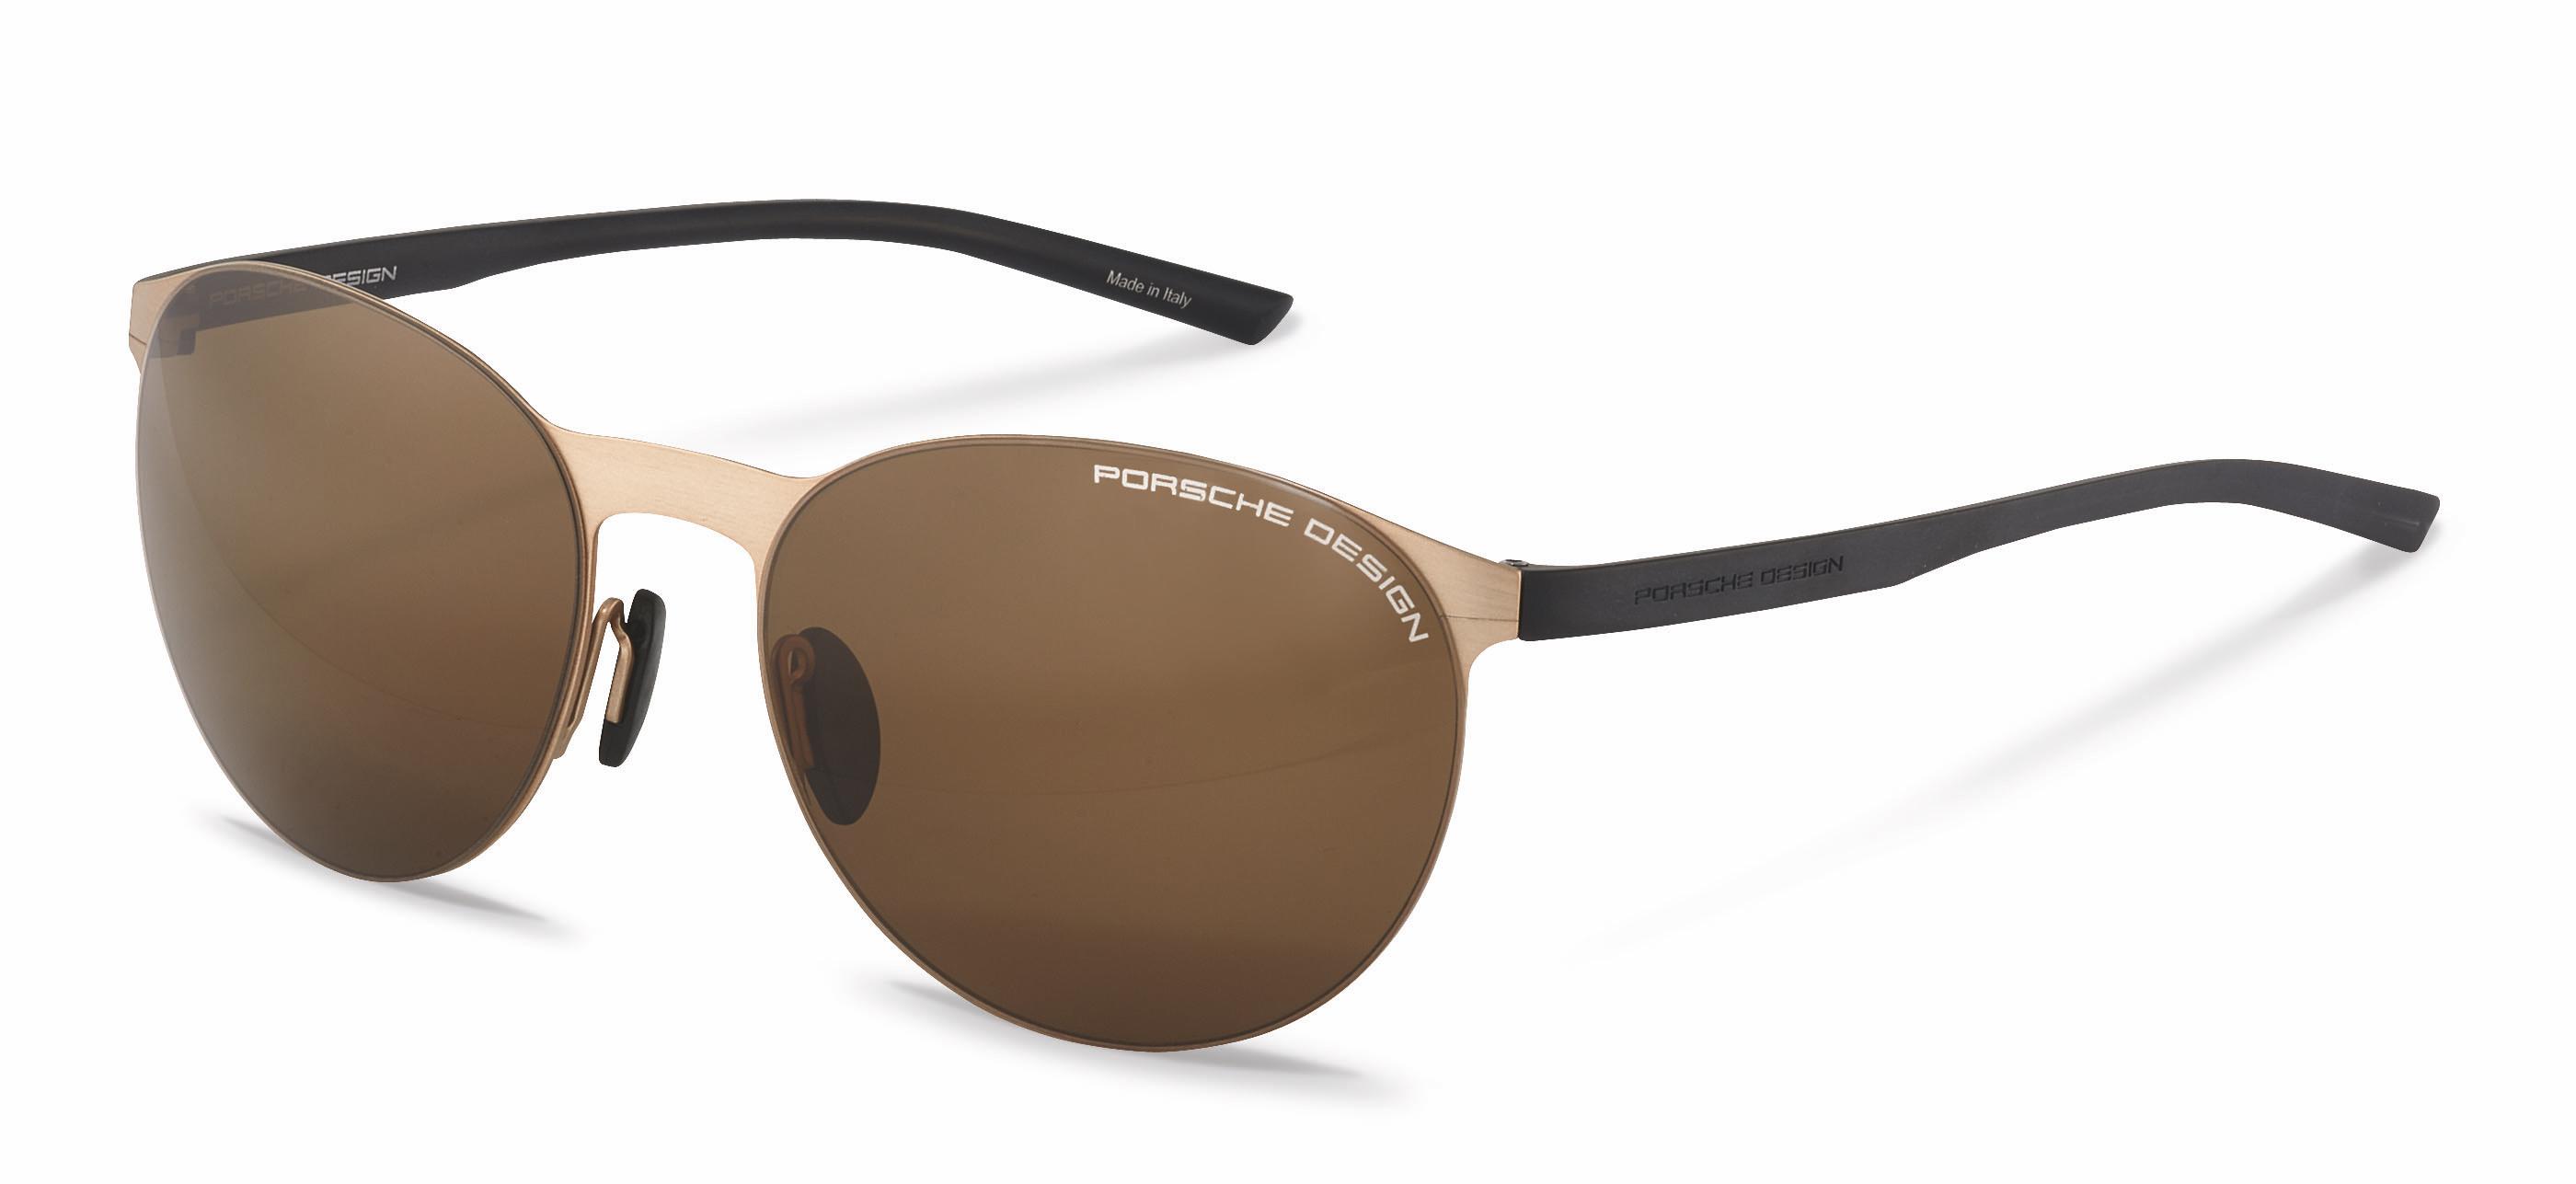 4f1cb72b09a8a Porsche Design-Lunettes de soleil-P8660-black